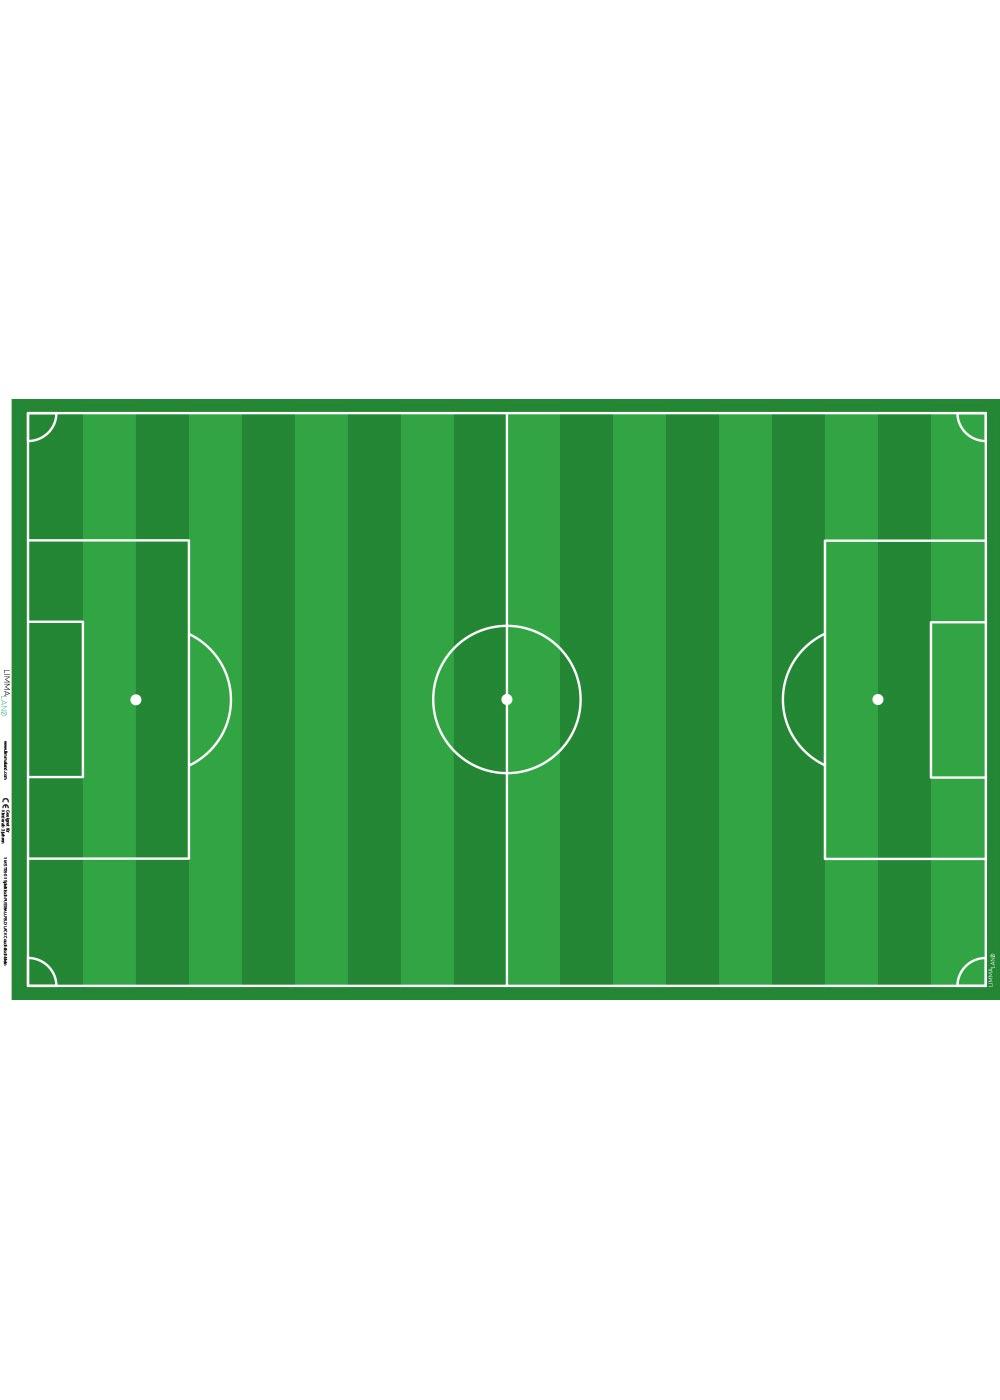 Ikea Lack Couchtisch Fußball grün 55x90 Druckvorlage